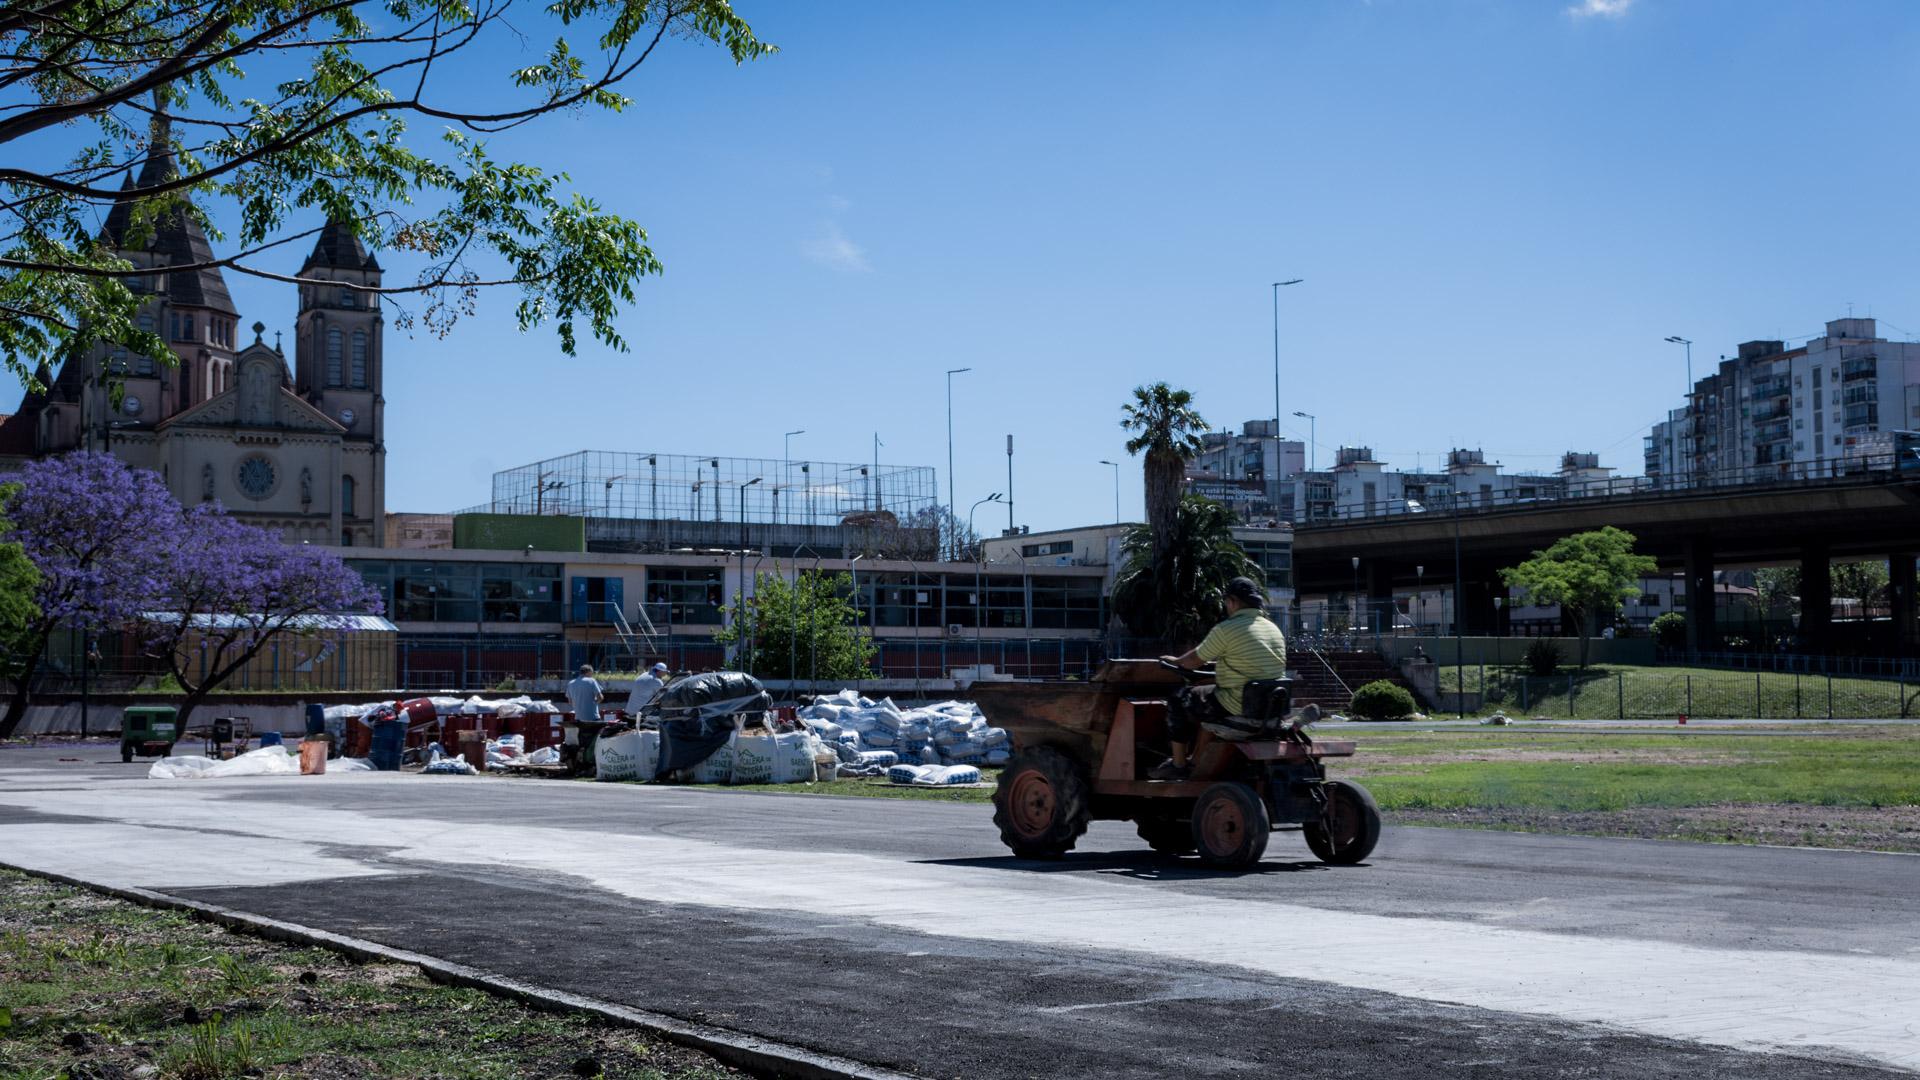 El Gobierno de la Ciudad de Buenos Aires inaugurará la nueva y renovada pista de atletismo en Parque Chacabuco(Martín Rosenzveig)